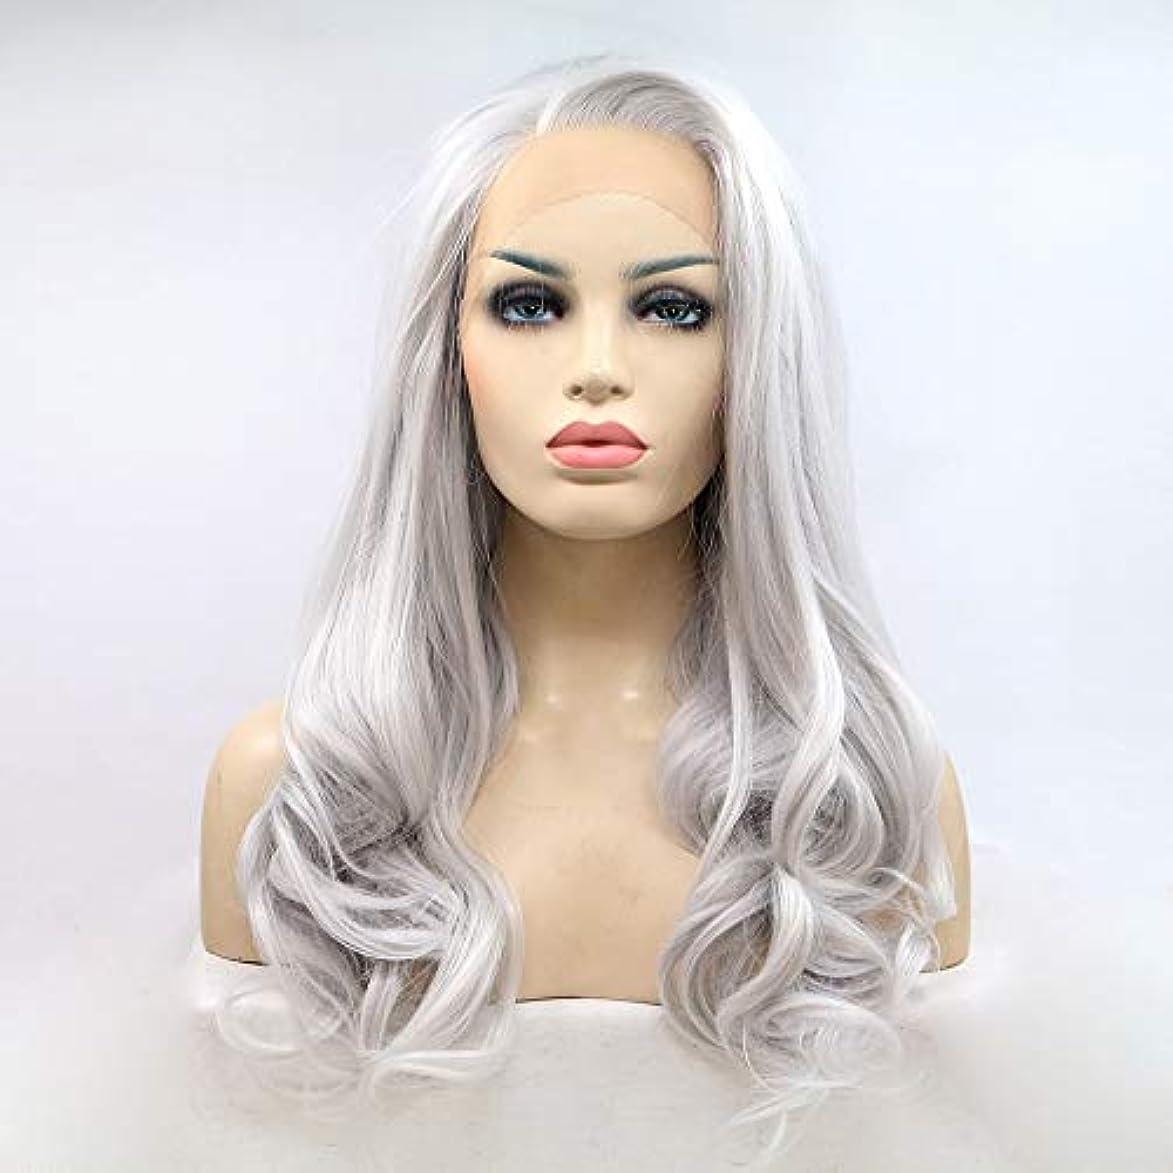 自治的調和溶けたヘアピース 銀色の白いかつらレディースハンドメイドレースヨーロッパとアメリカのかつら髪セット長い巻き毛